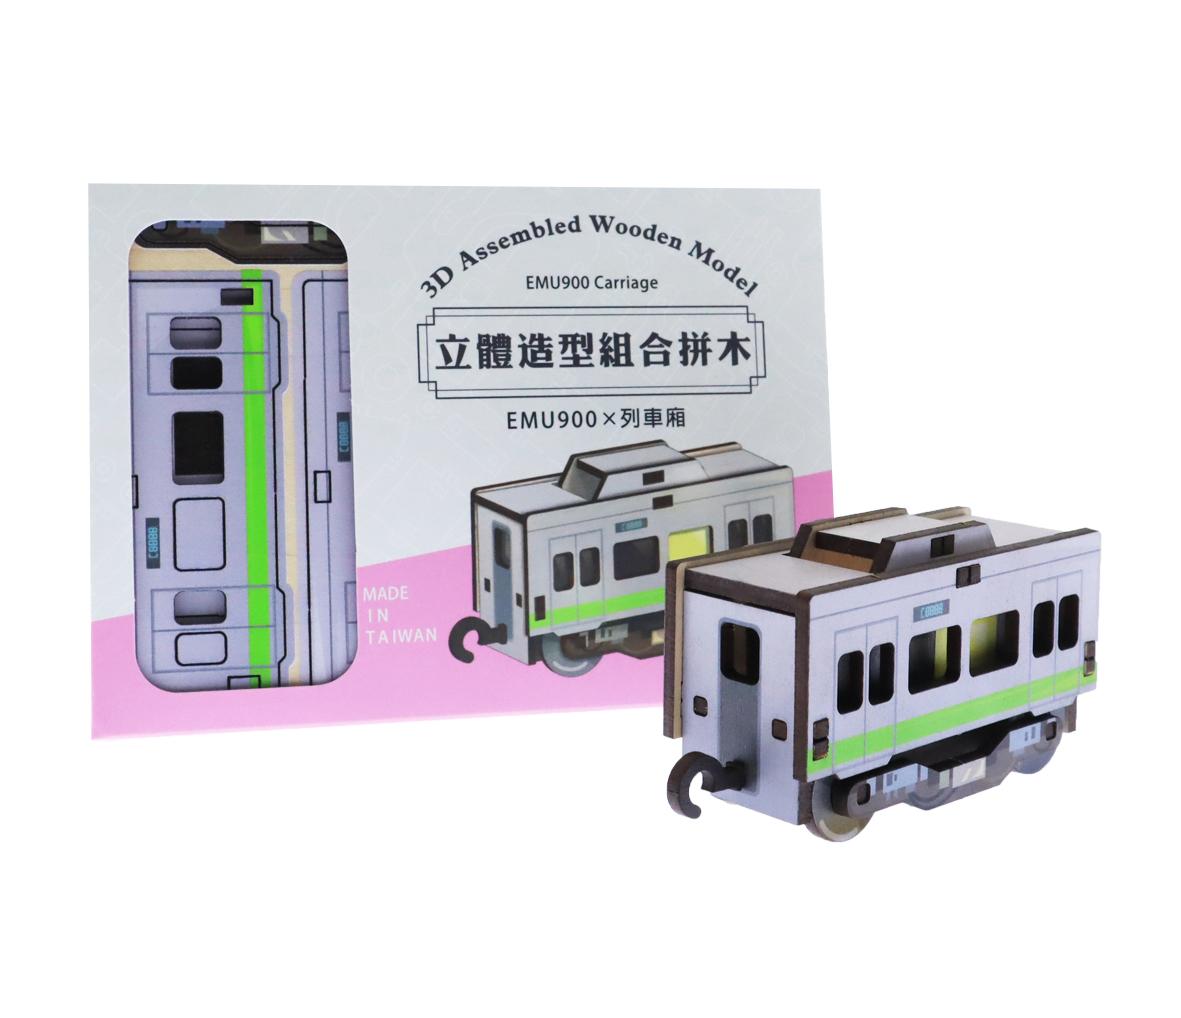 EMU900車廂立體組合拼木圖片共2張